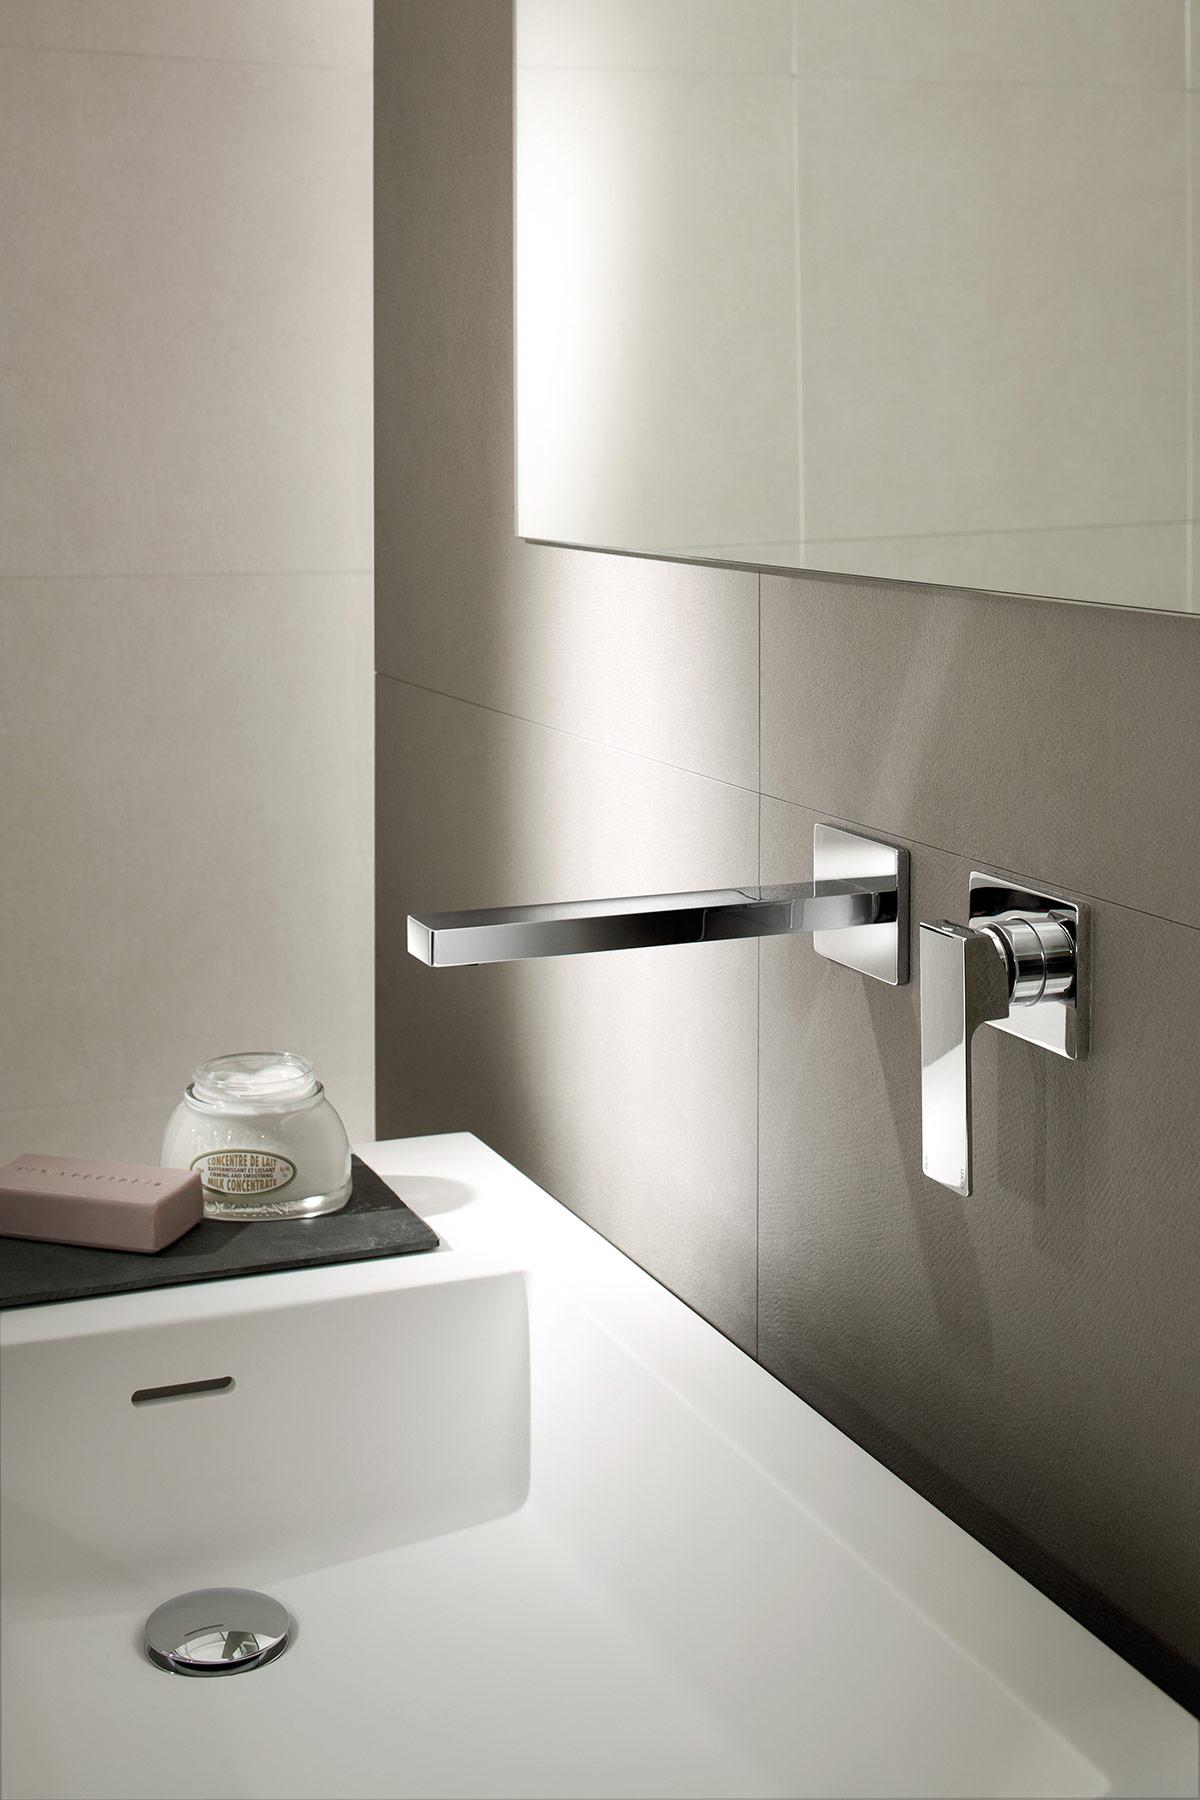 Modern Mint Wall Mount Faucet